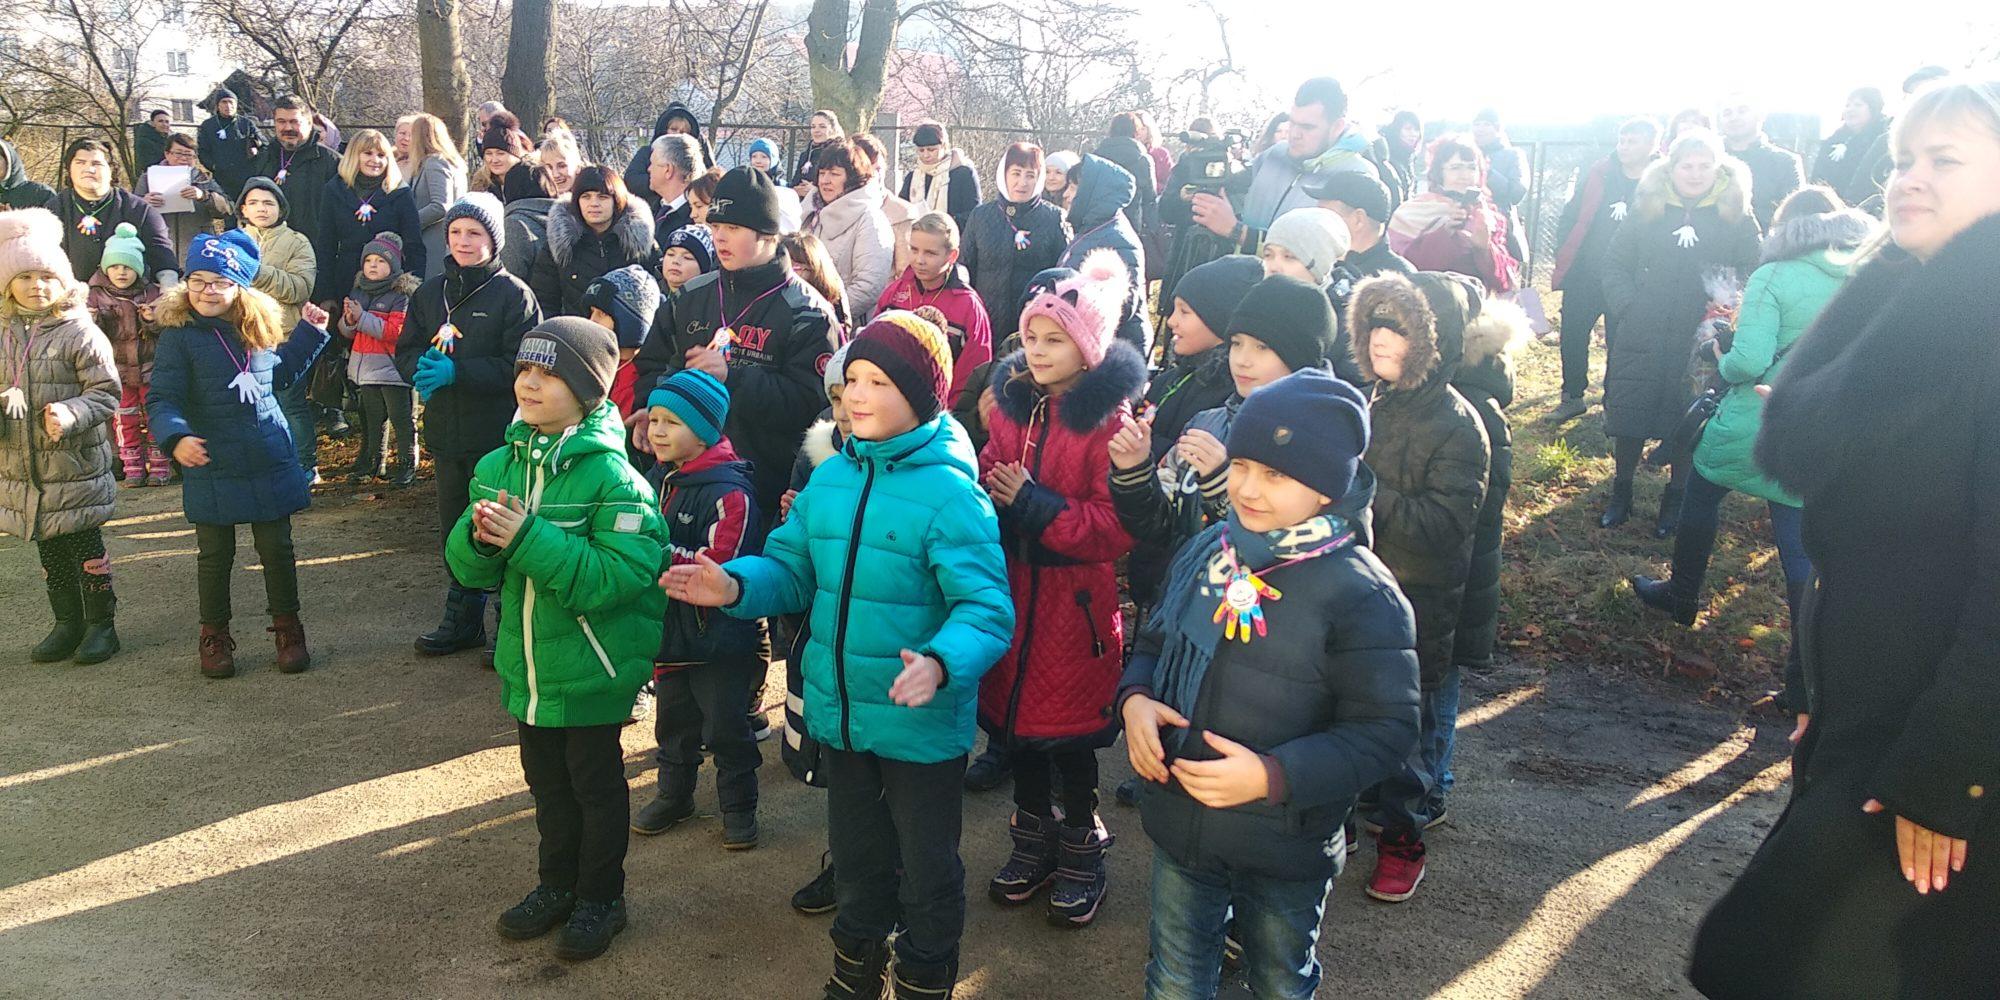 У День Миколая в Бородянці відкрили перший інклюзивно-ресурсний центр - інклюзія, Інклюзивно-ресурсний центр, Бородянка - IMG 20191219 112356 2000x1000